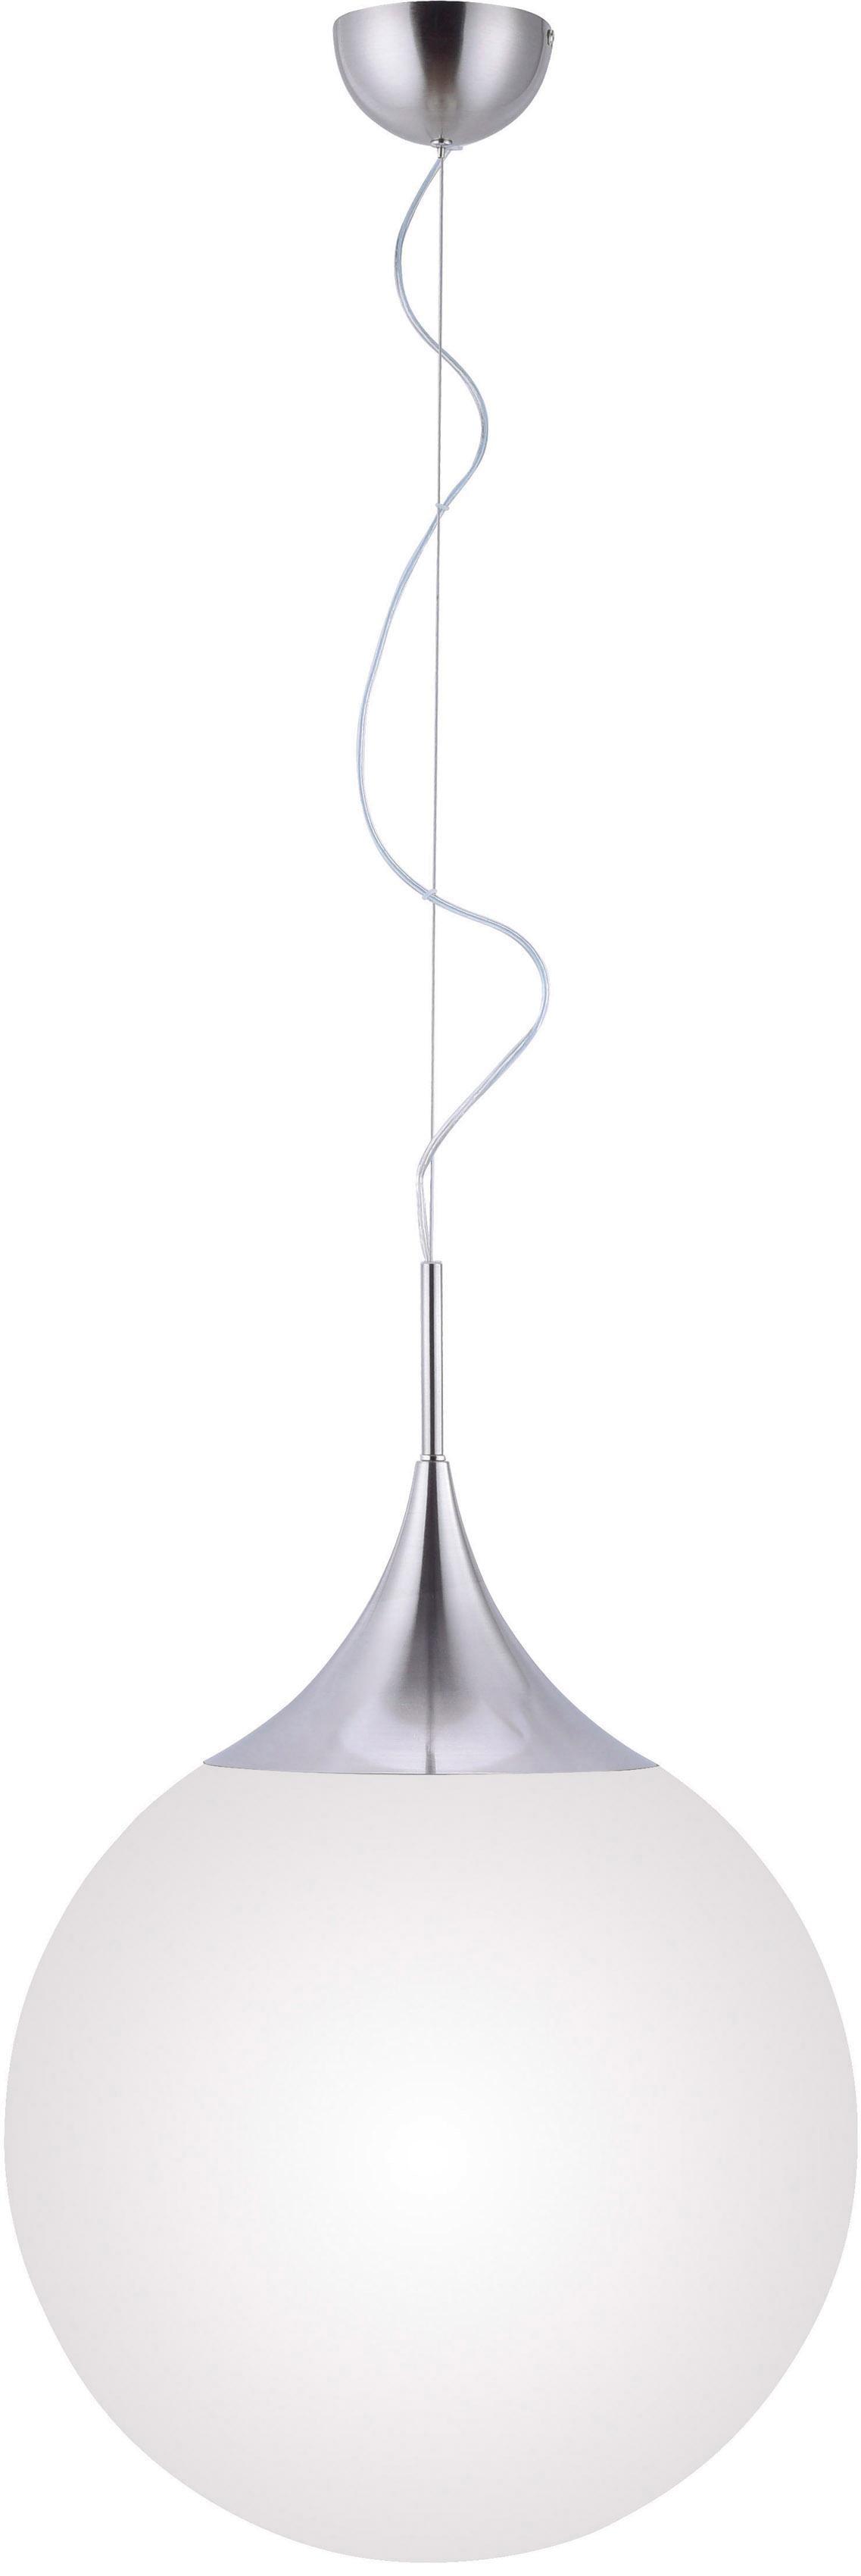 TRIO Leuchten,LED Pendelleuchte DAMIAN